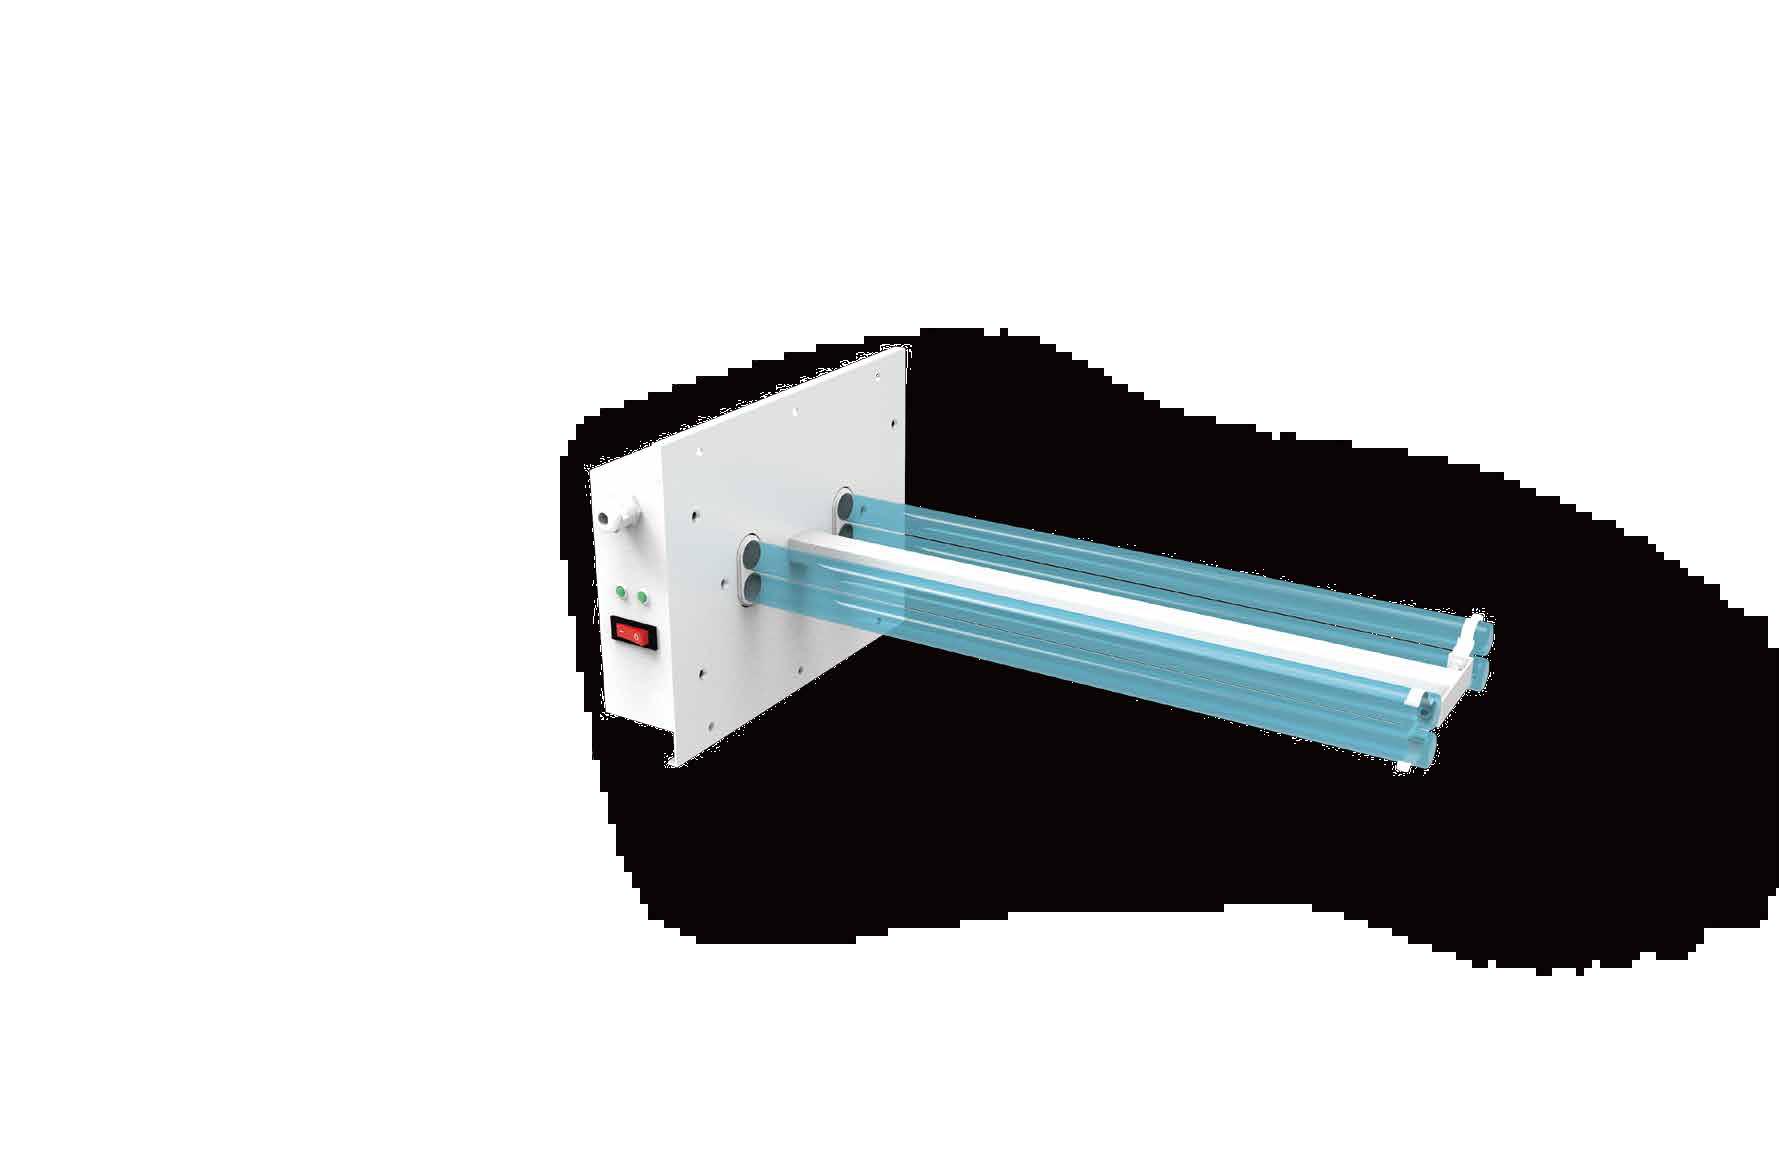 Lampada UV-C per disinfezione aria in condotte